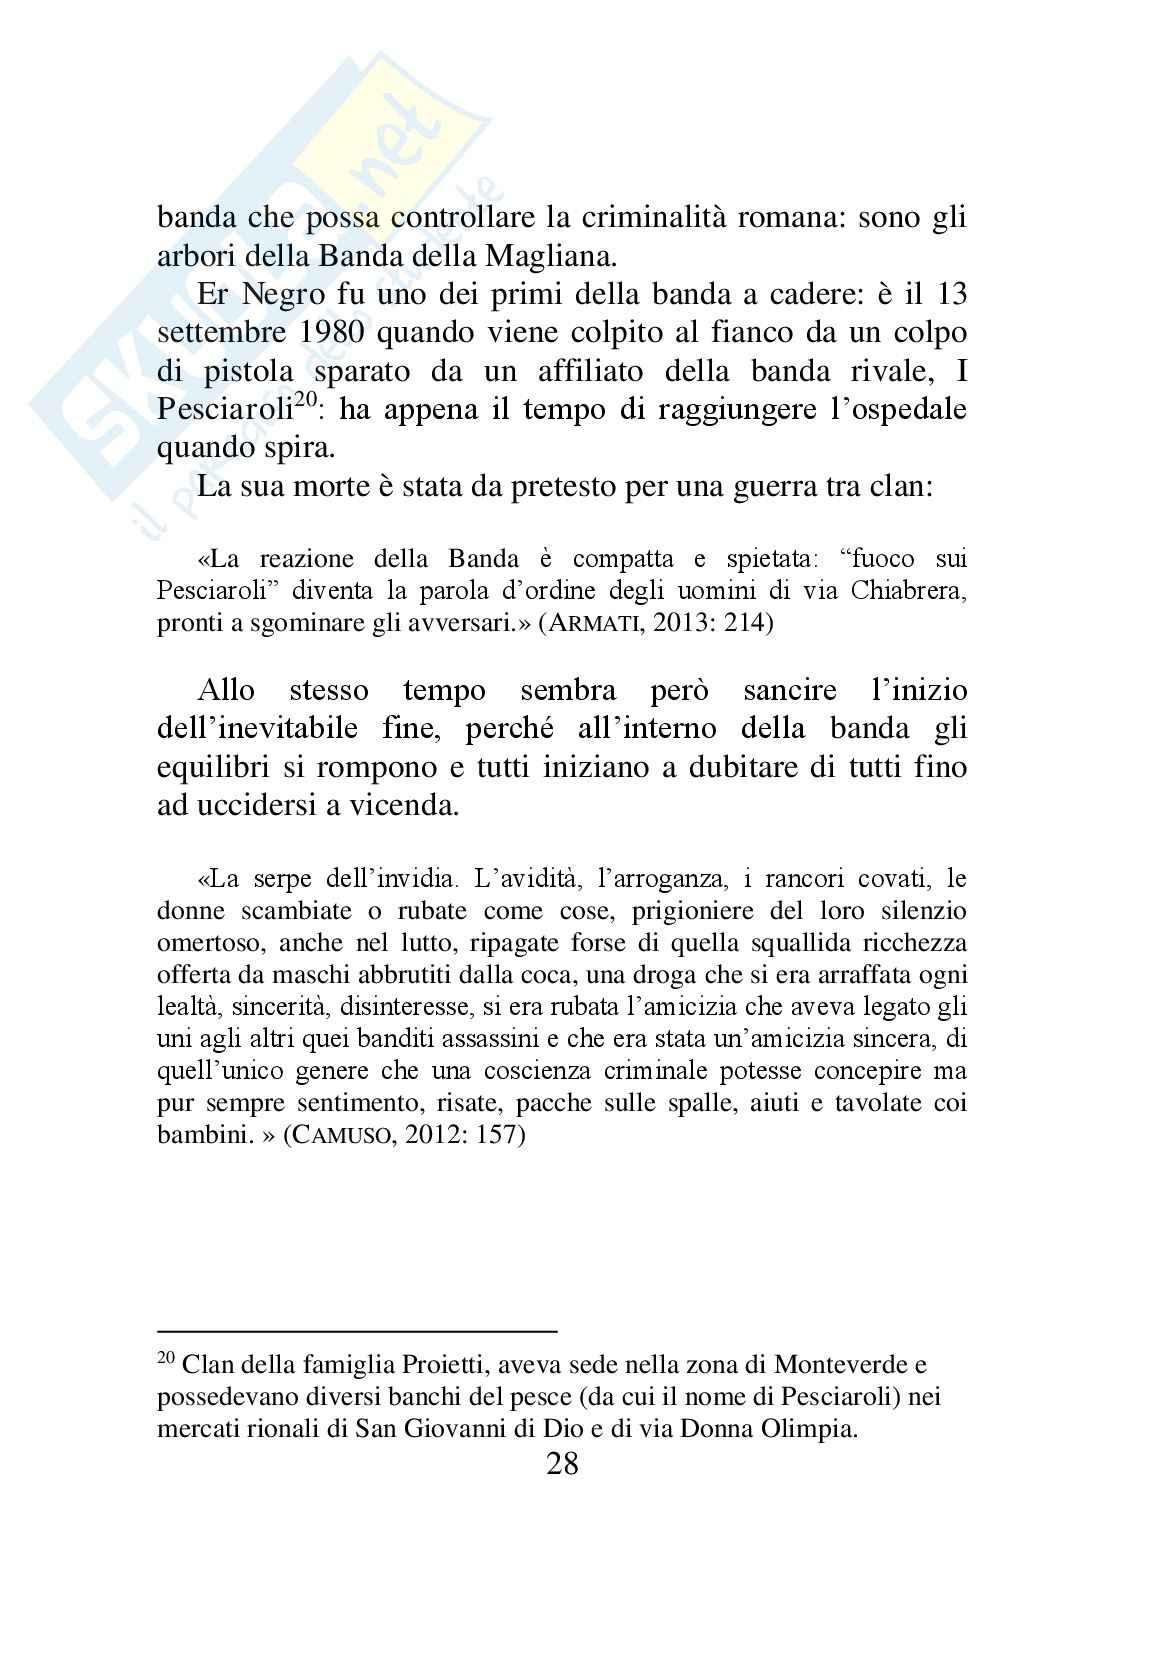 Dalla banda della Magliana al clan dei casalesi. Analisi diacronica del giornalismo di cronaca nera dal 1981 al 2014 Pag. 31